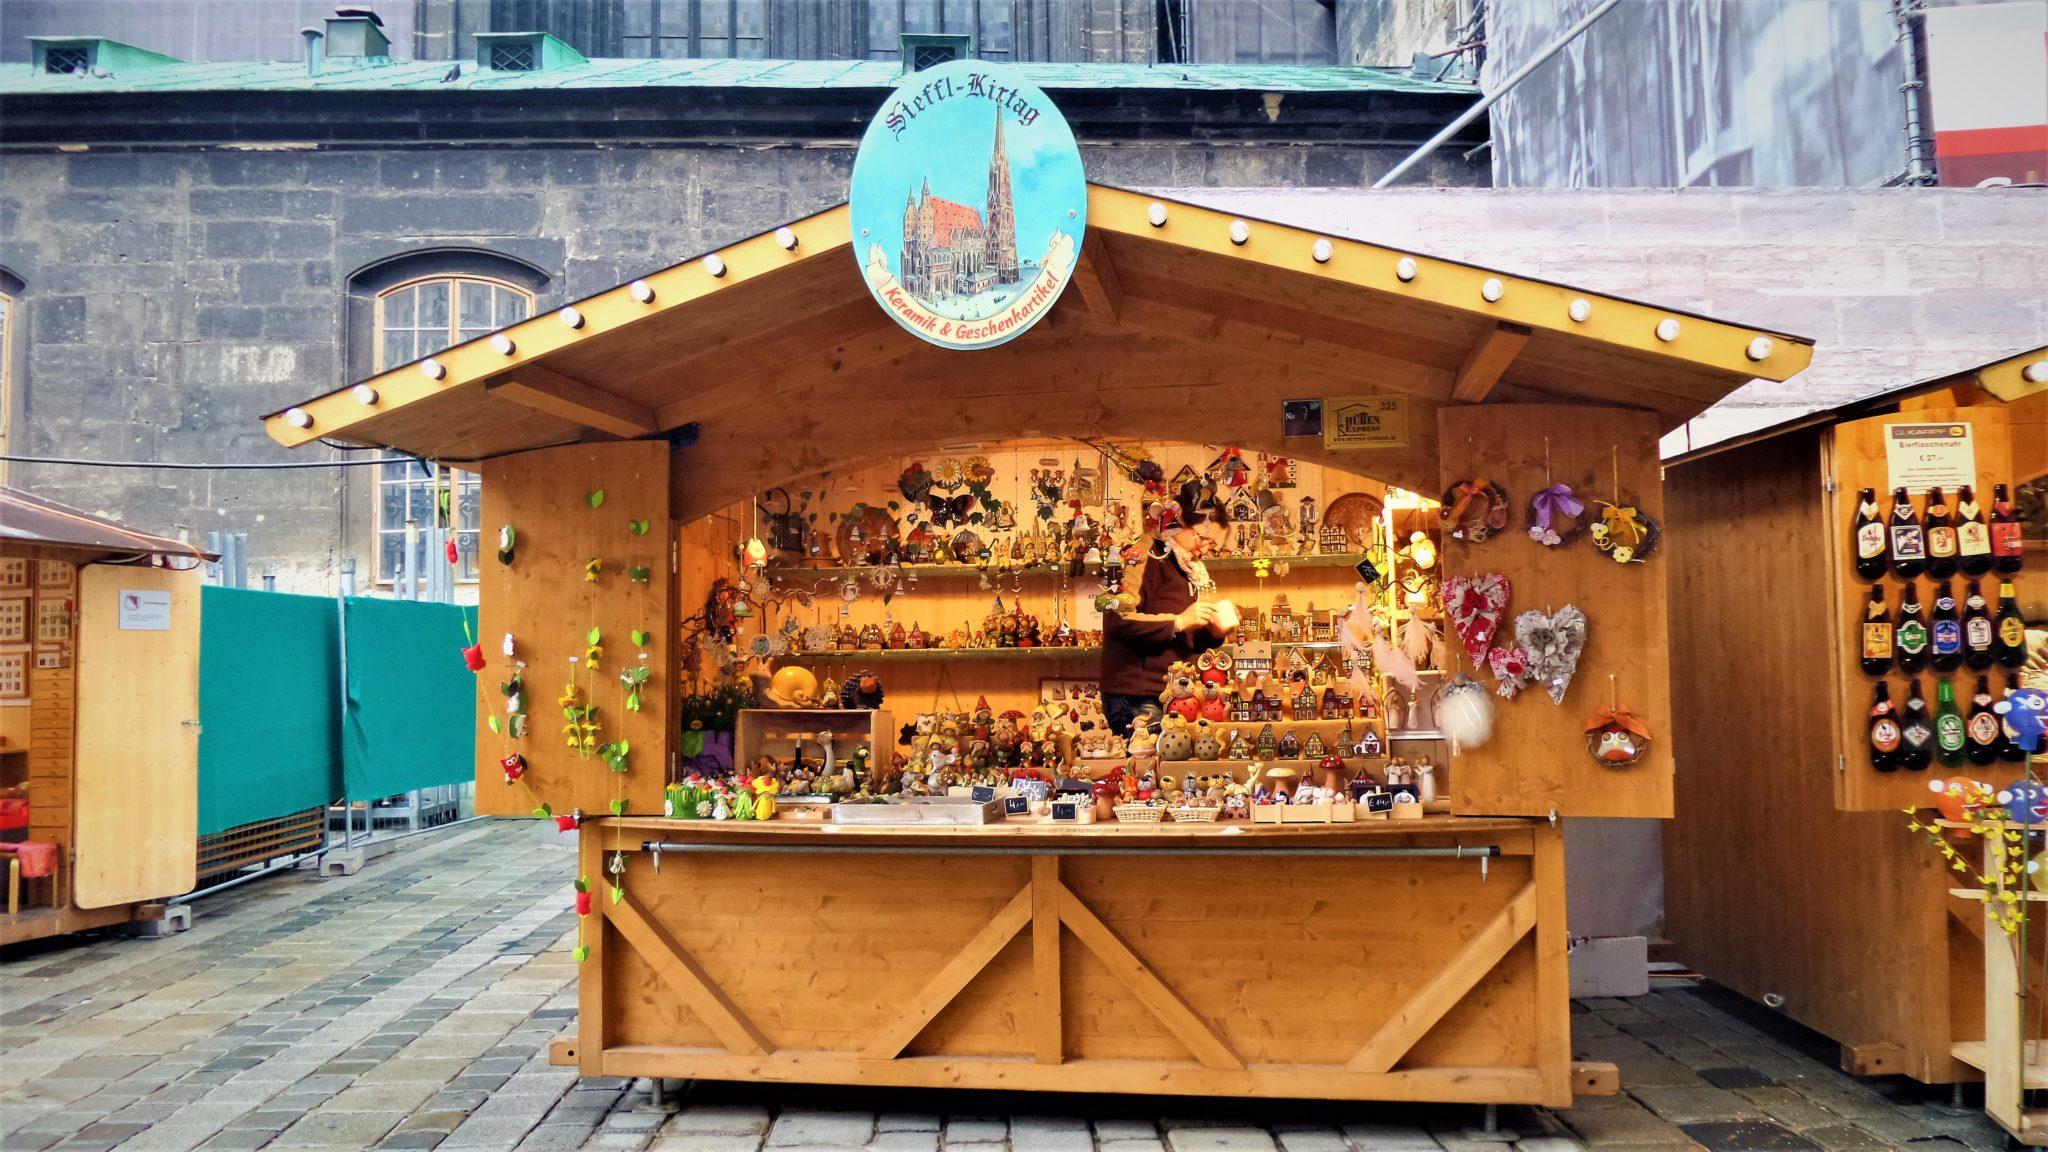 Market stall in Vienna, Austria